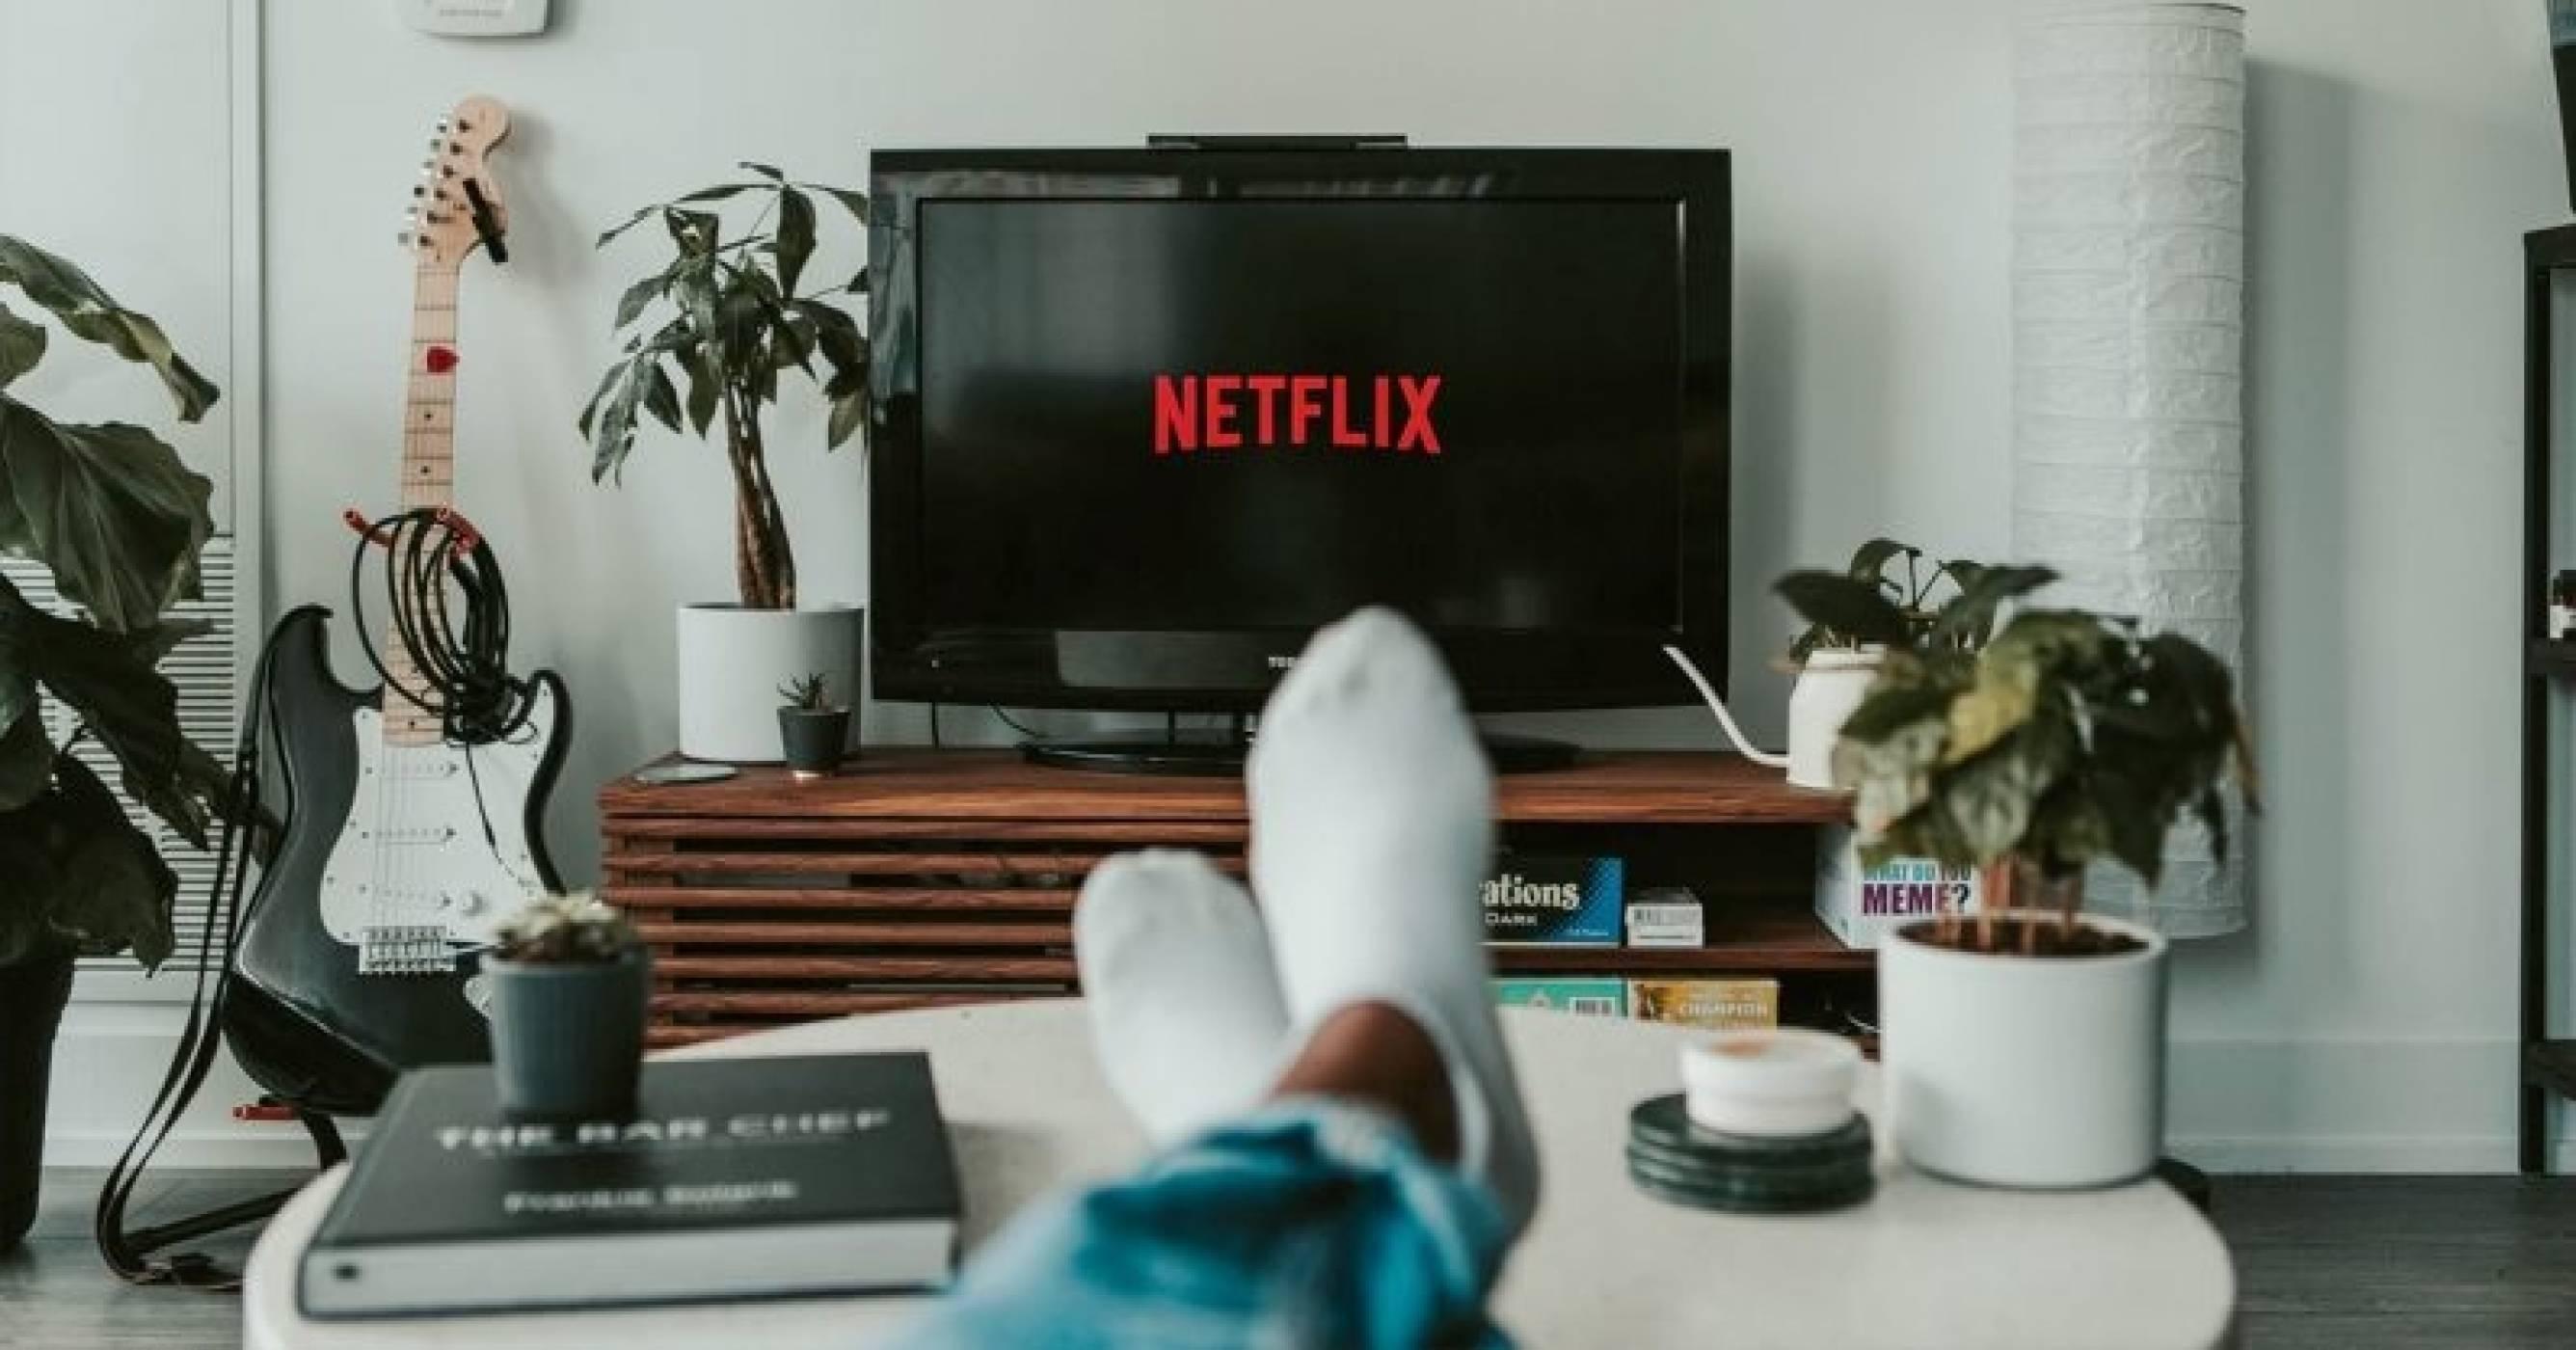 6 часа Netflix стрийминг се равняват на изгарянето на литър бензин